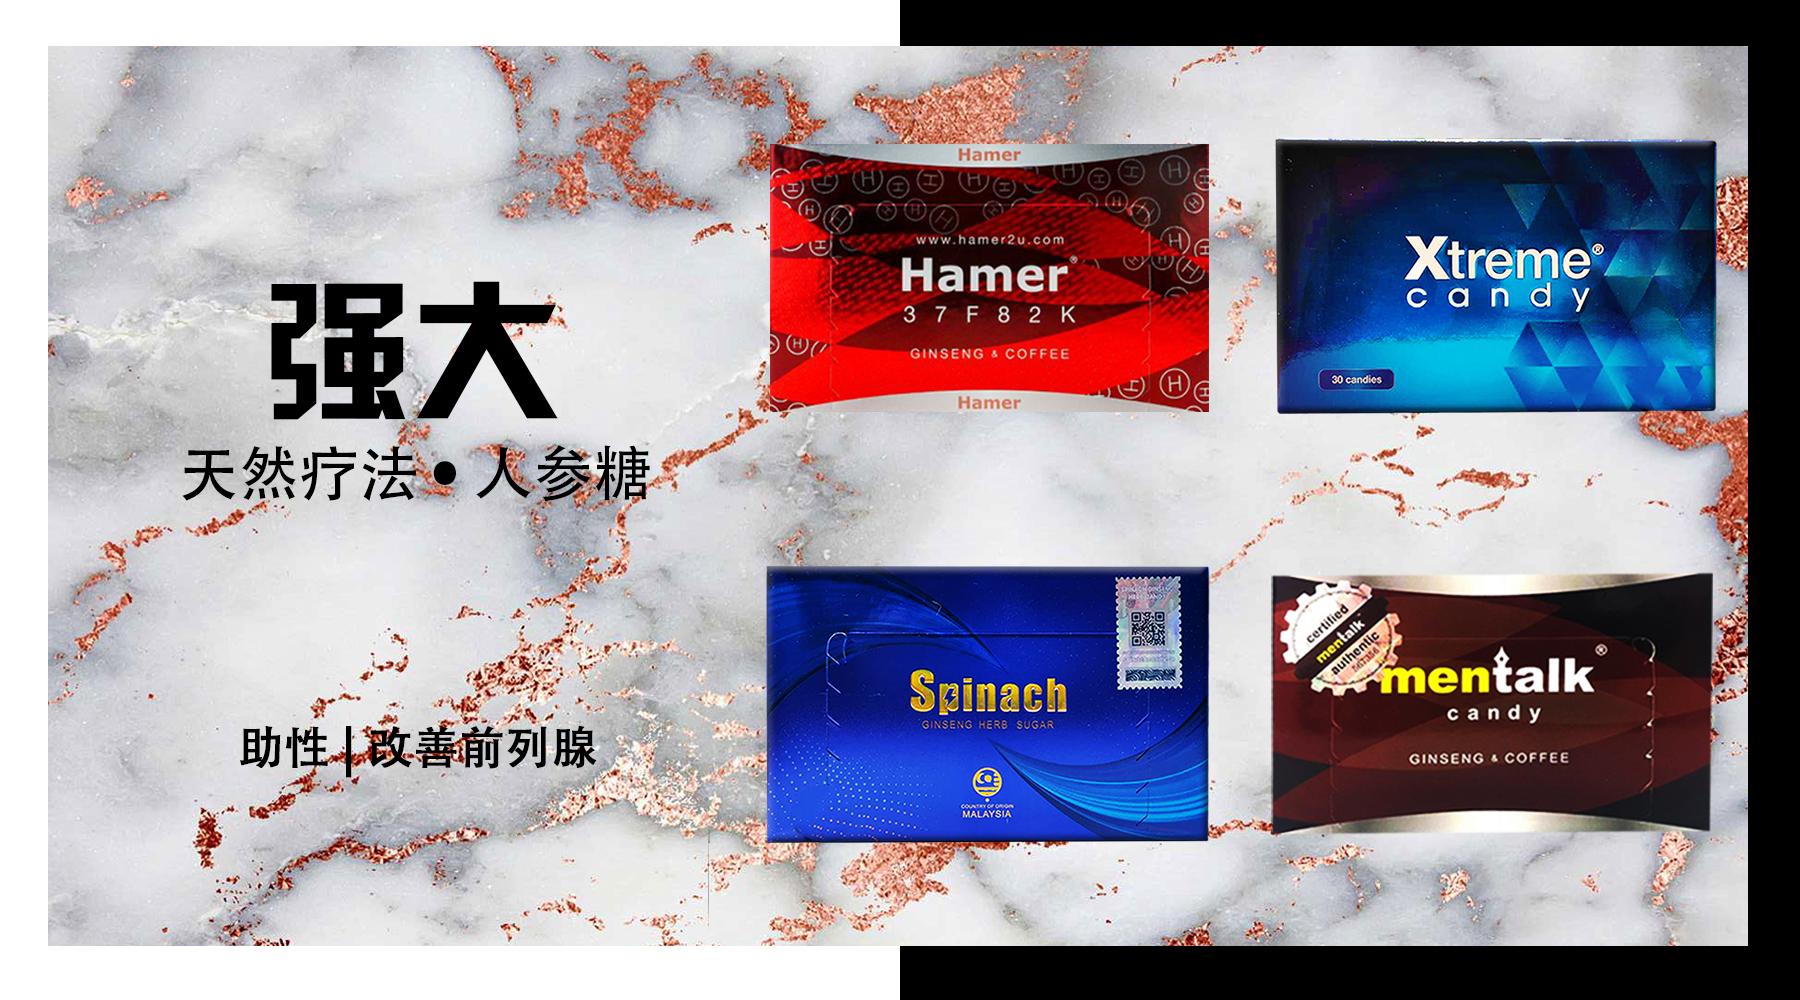 马来西亚汗马精力糖悍马糖-Hamer Candy |